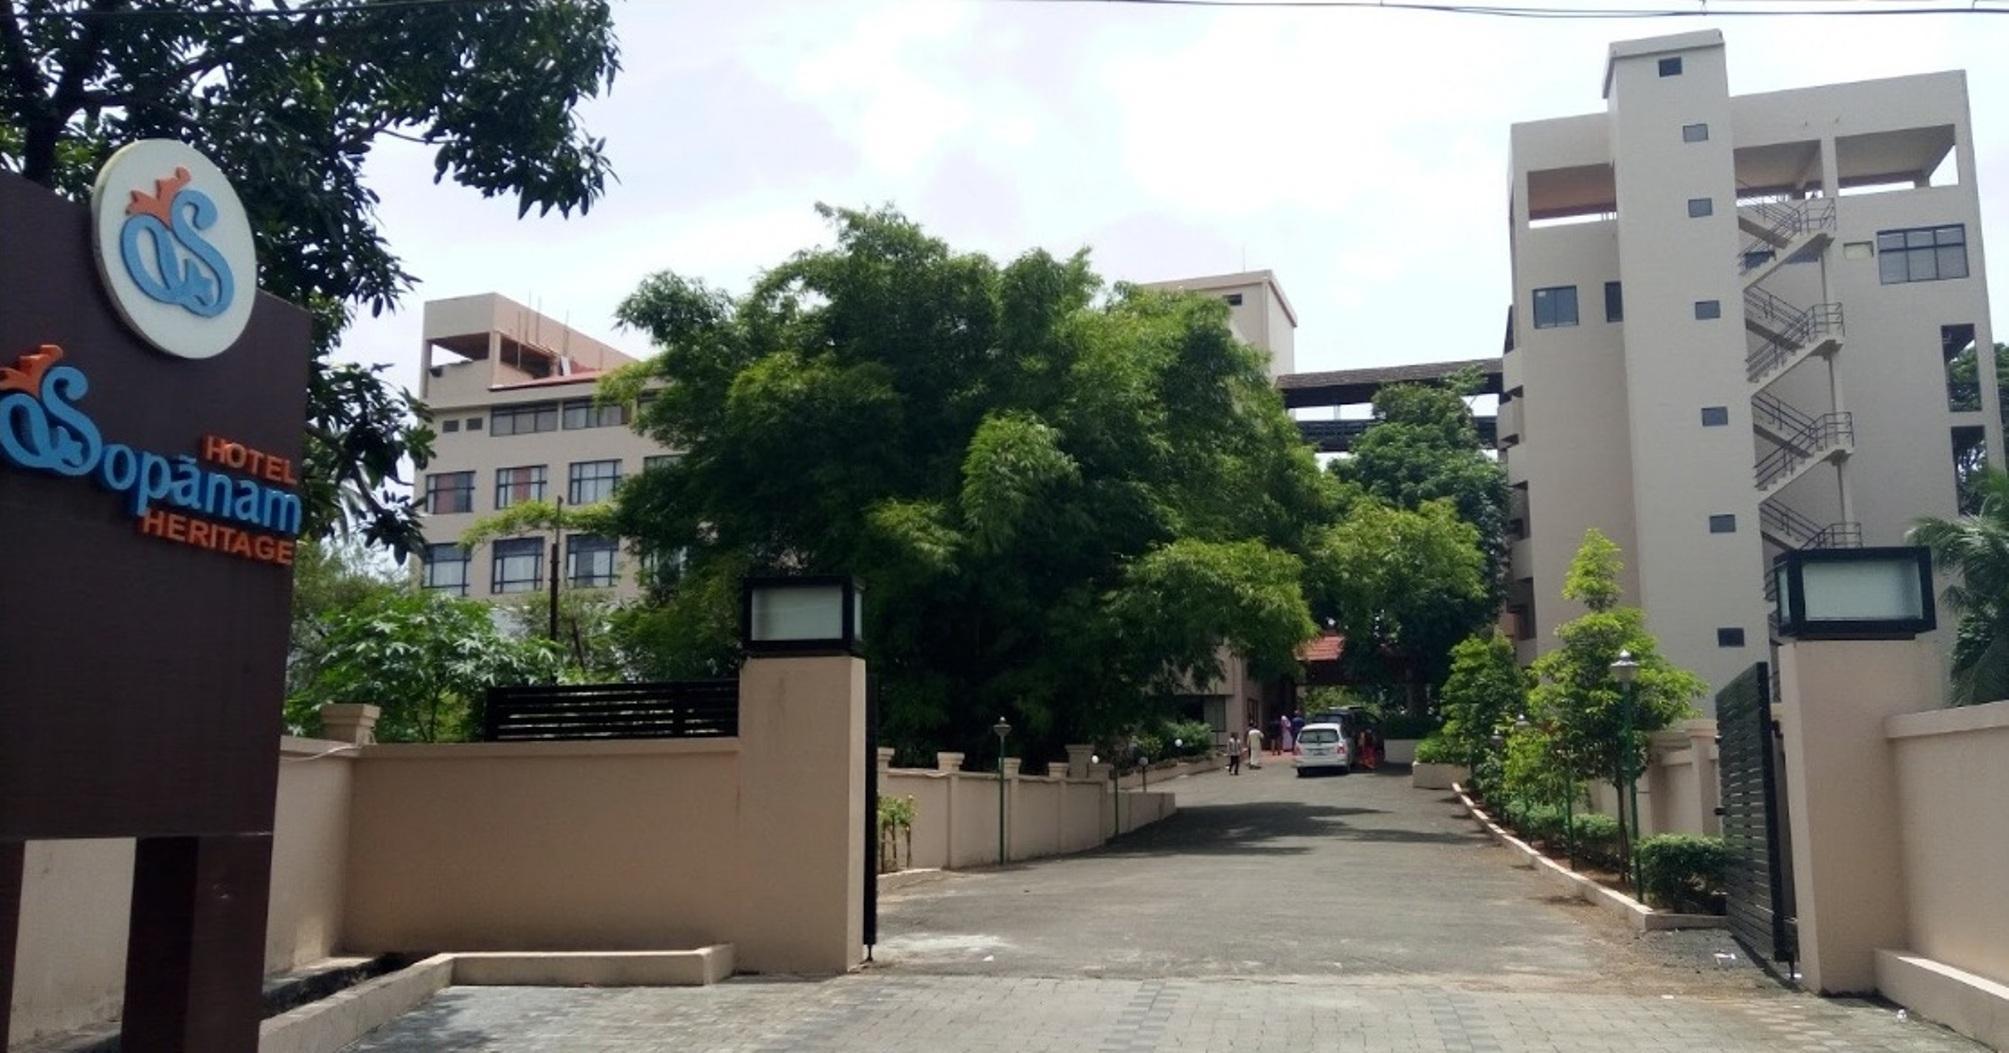 Hotel Sopanam Heritage